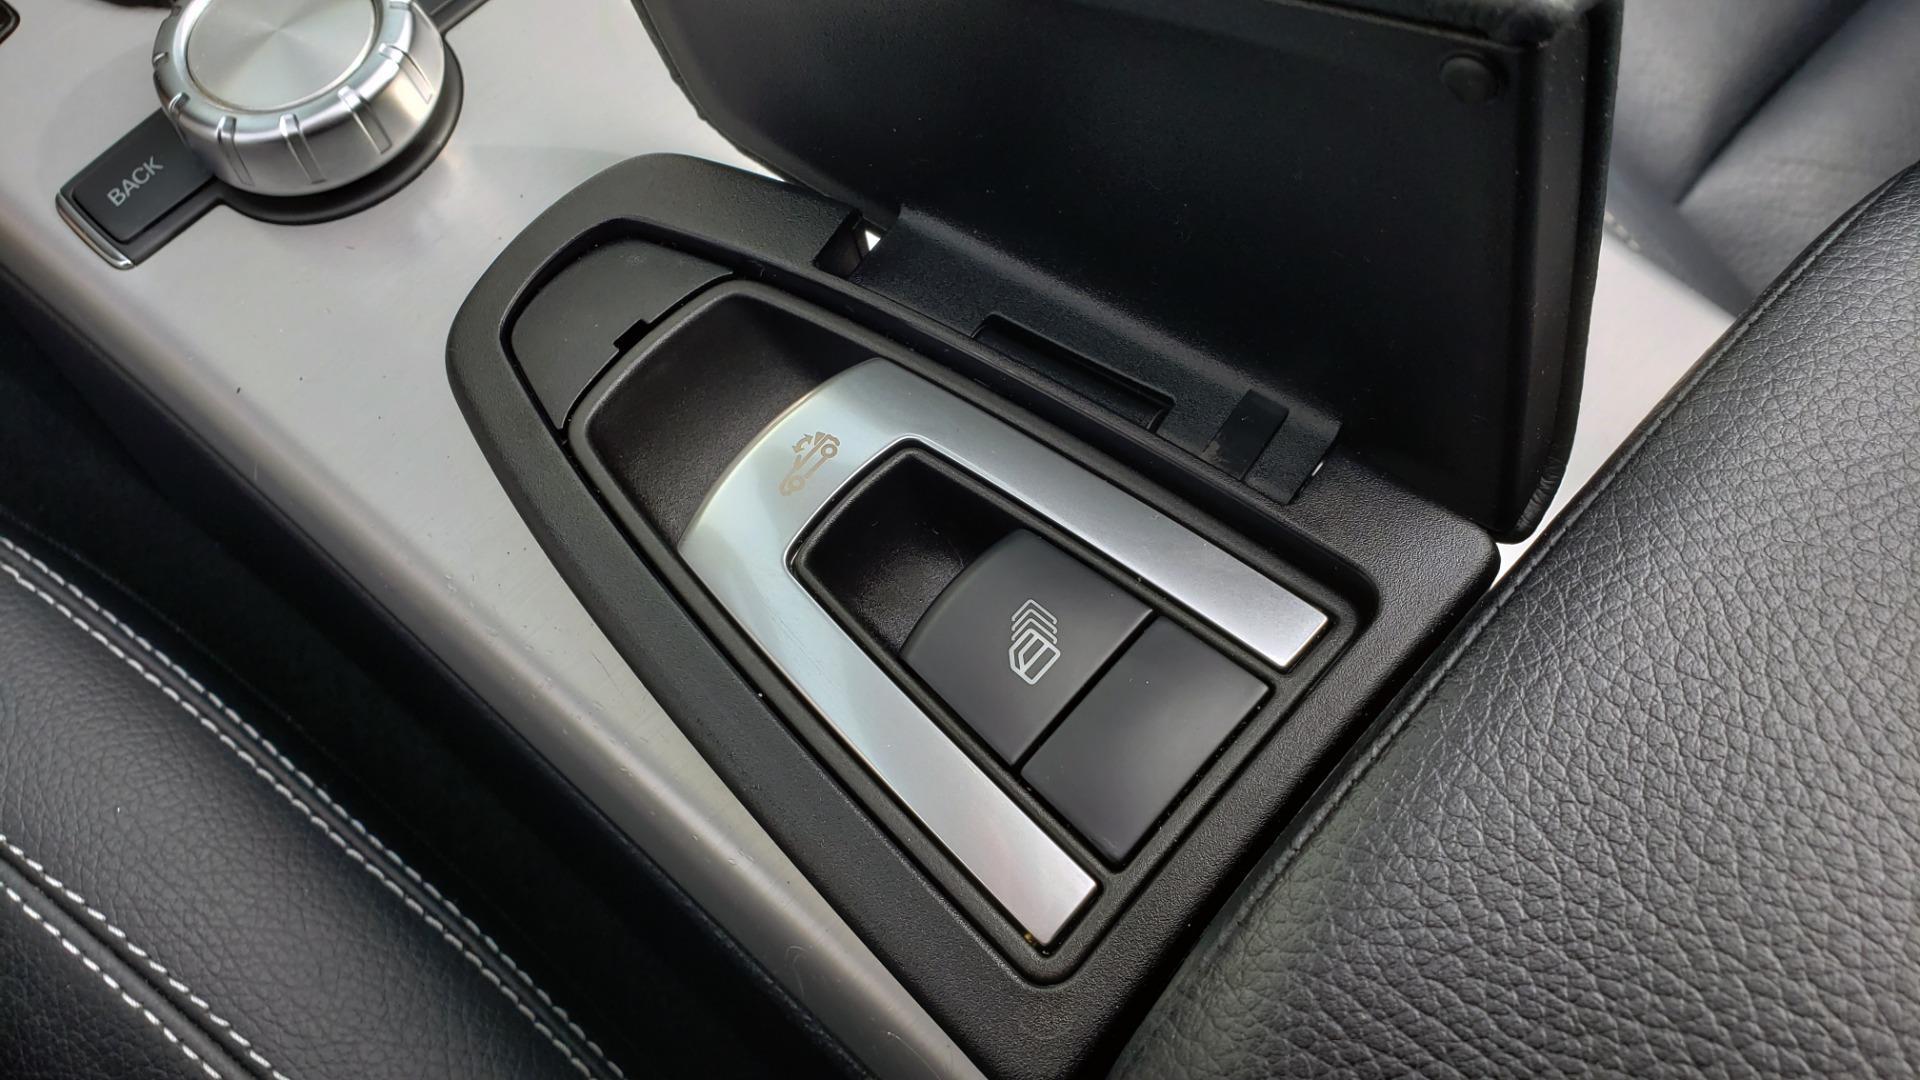 Used 2012 Mercedes-Benz SLK-CLASS SLK 250 ROADSTER / PREM 1 PKG / COMAND LAUNCH PKG / 7-SPD AUTO for sale $24,995 at Formula Imports in Charlotte NC 28227 29